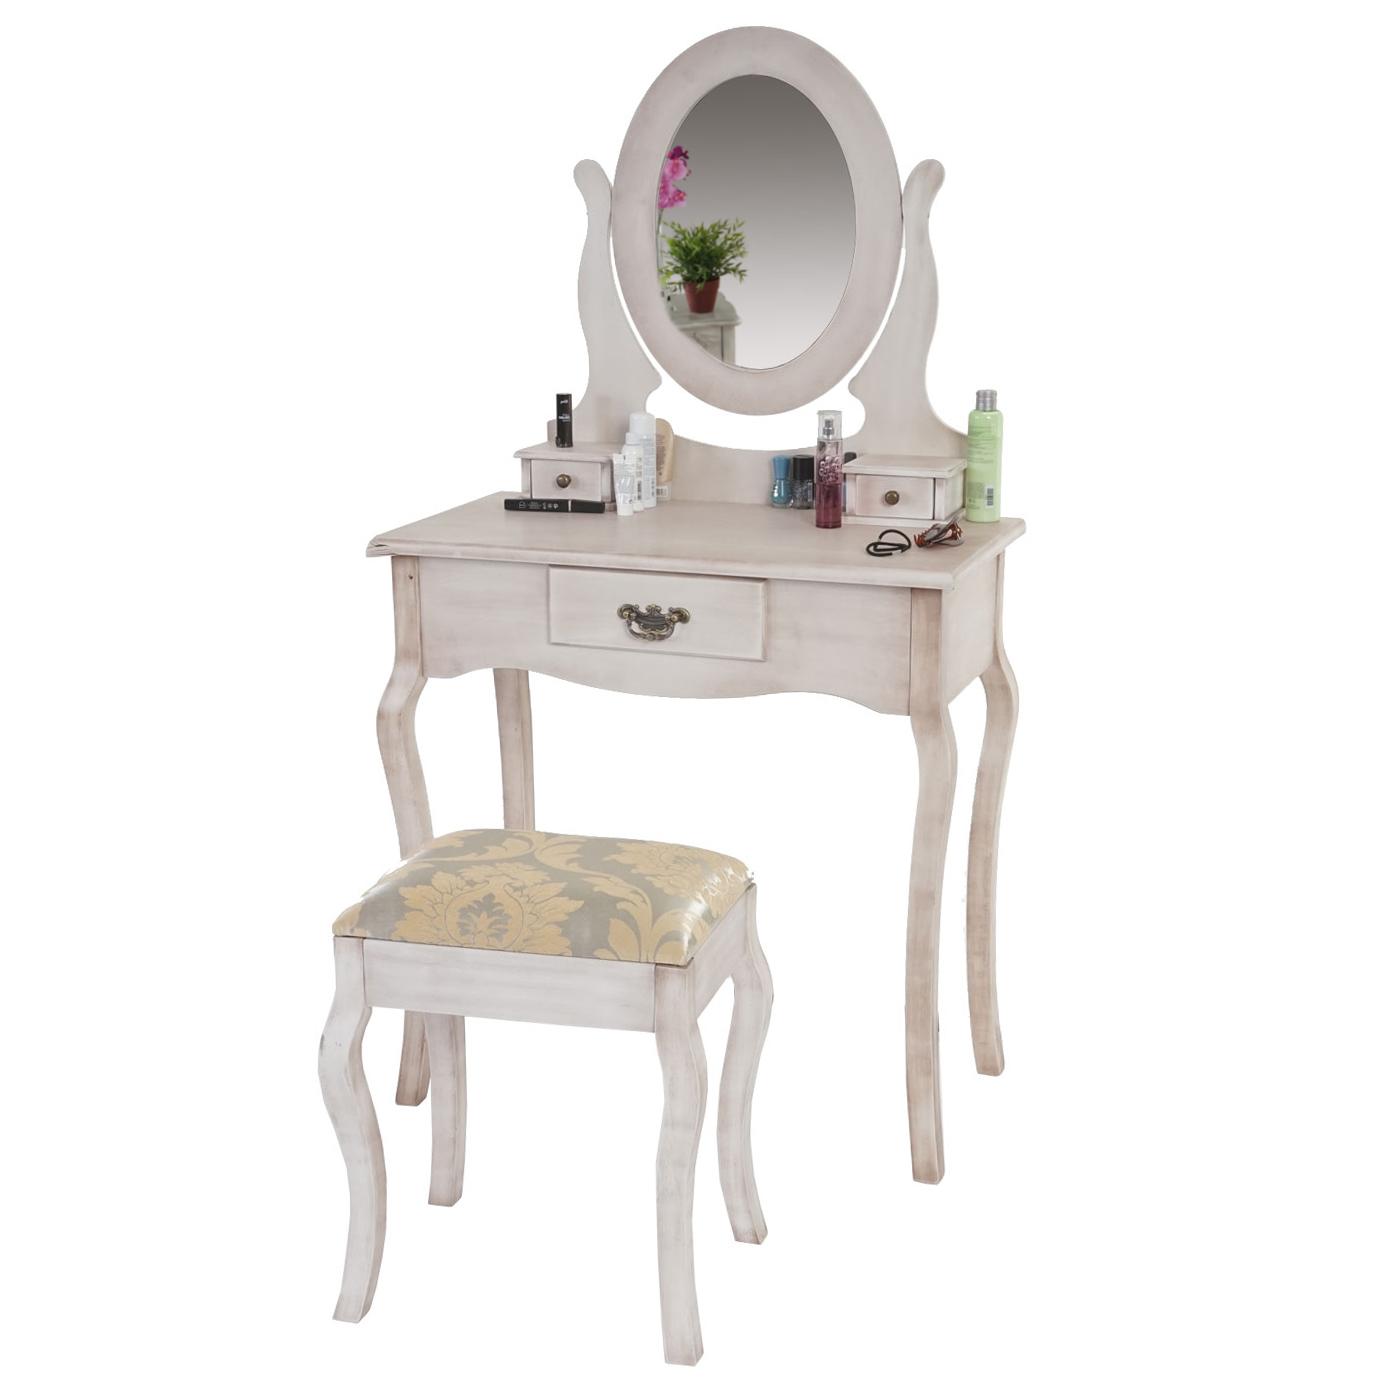 m bel wohnen tische schminktische teuer hat hier shopverbot. Black Bedroom Furniture Sets. Home Design Ideas